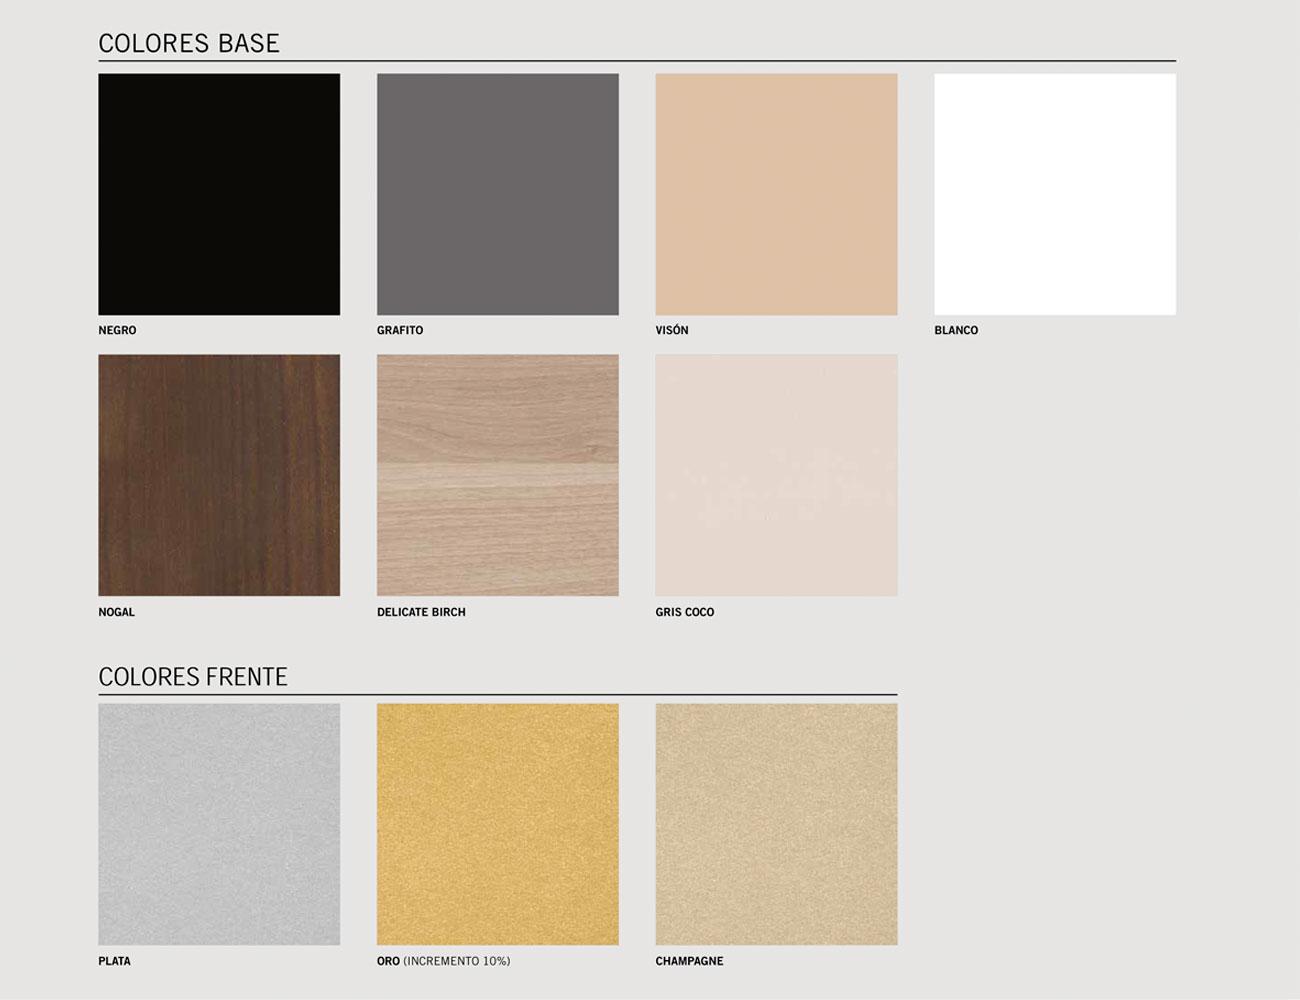 Colores base21